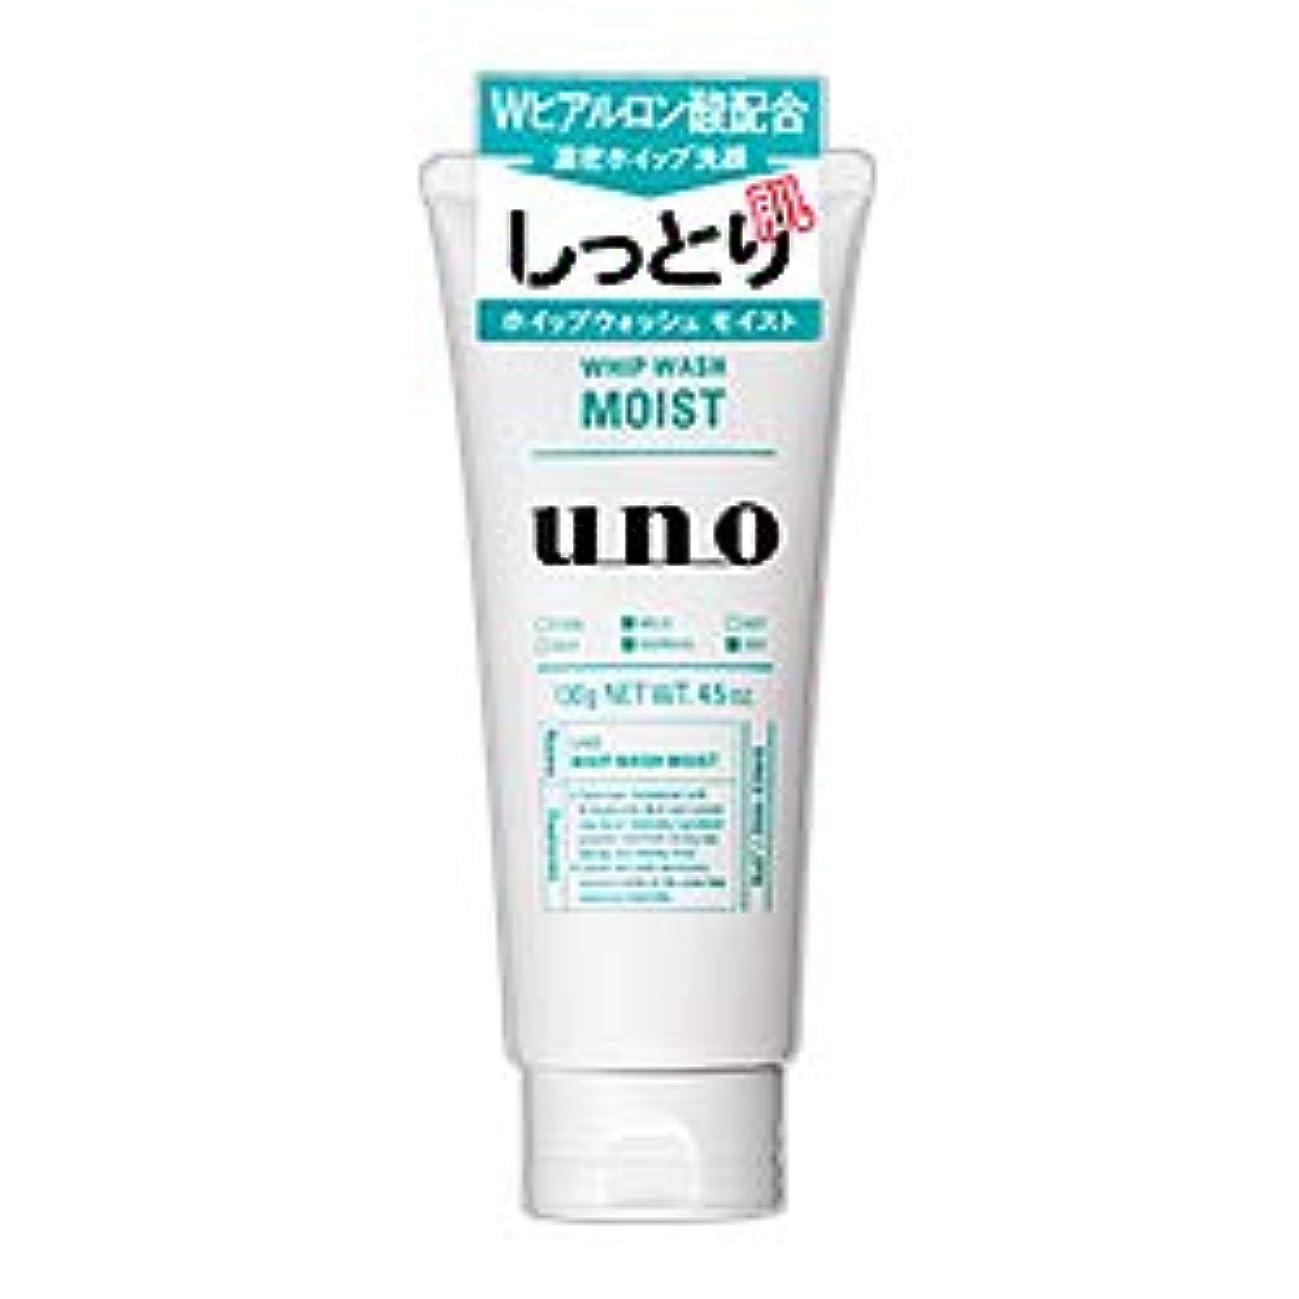 死遠いあご【資生堂】ウーノ(uno) ホイップウォッシュ (モイスト) 130g ×4個セット